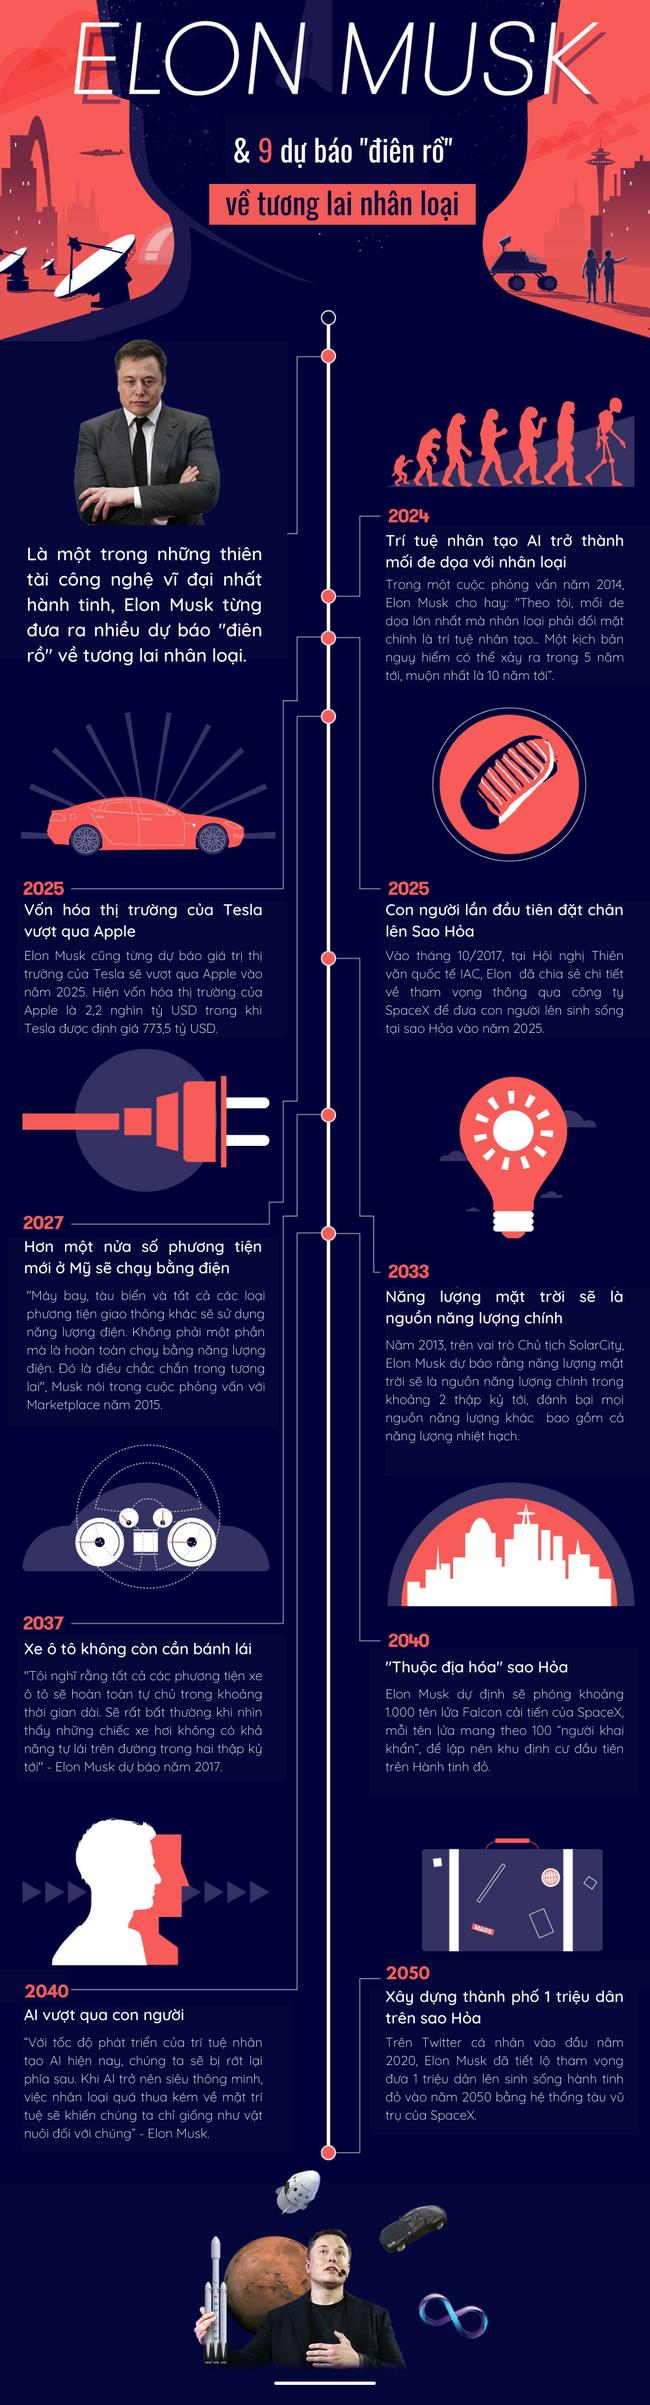 """9 dự báo """"điên rồ"""" về công nghệ tương lai của tỷ phú giàu nhất hành tinh Elon Musk - Ảnh 3."""